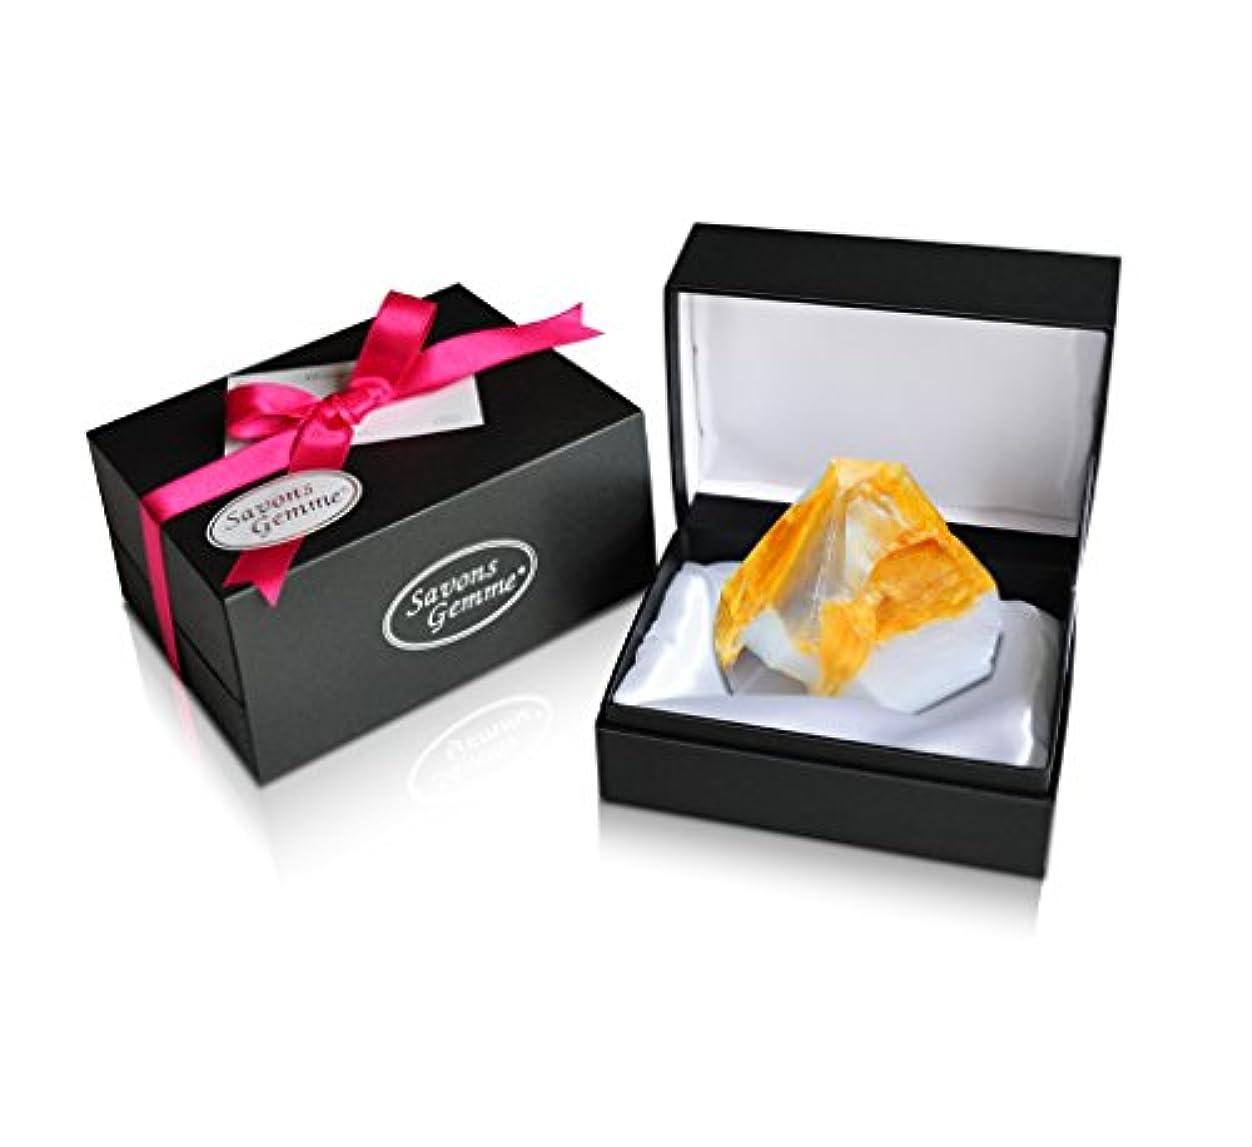 文短命あさりSavons Gemme サボンジェム ジュエリーギフトボックス 世界で一番美しい宝石石鹸 フレグランス ソープ 宝石箱のようなラグジュアリー感を演出 アルバトールオリエンタル 170g 【日本総代理店品】